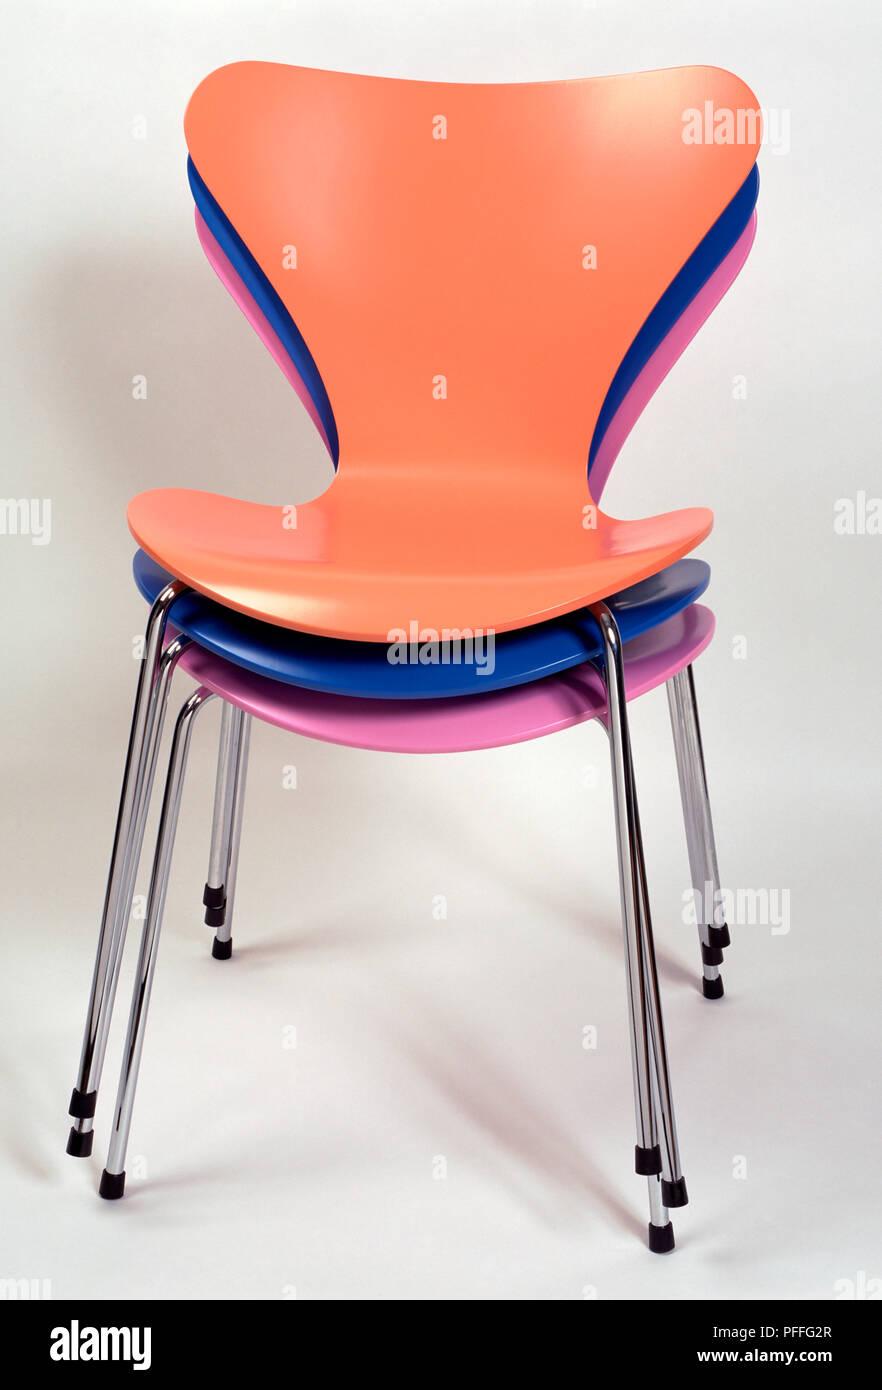 Sedie Di Plastica Colorate.Tre Vivacemente Colorate Sedie Di Plastica Impilate Una Sull Altra